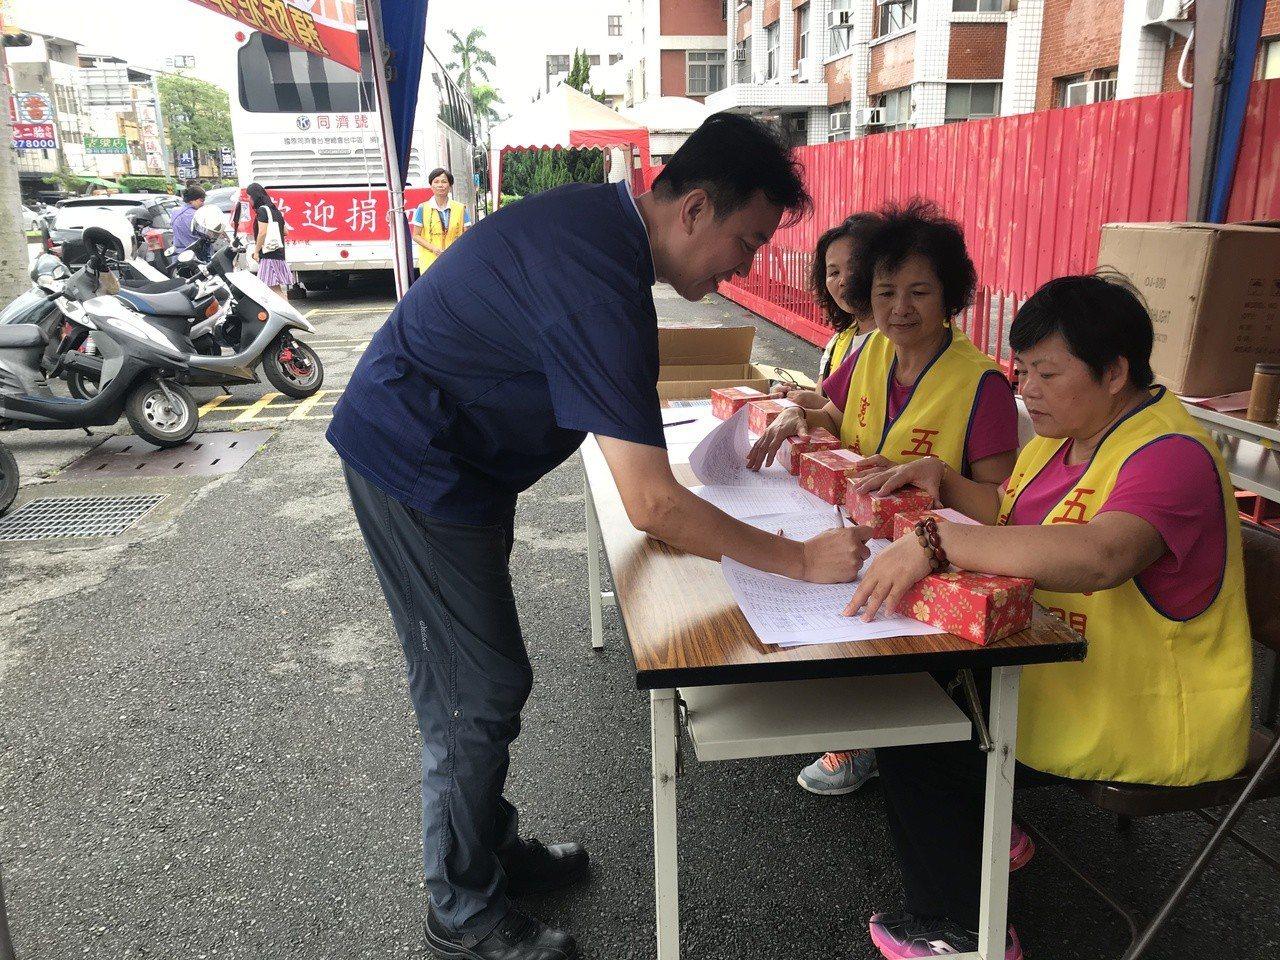 雨天捐血人止步 波麗士挽袖熱血補血庫